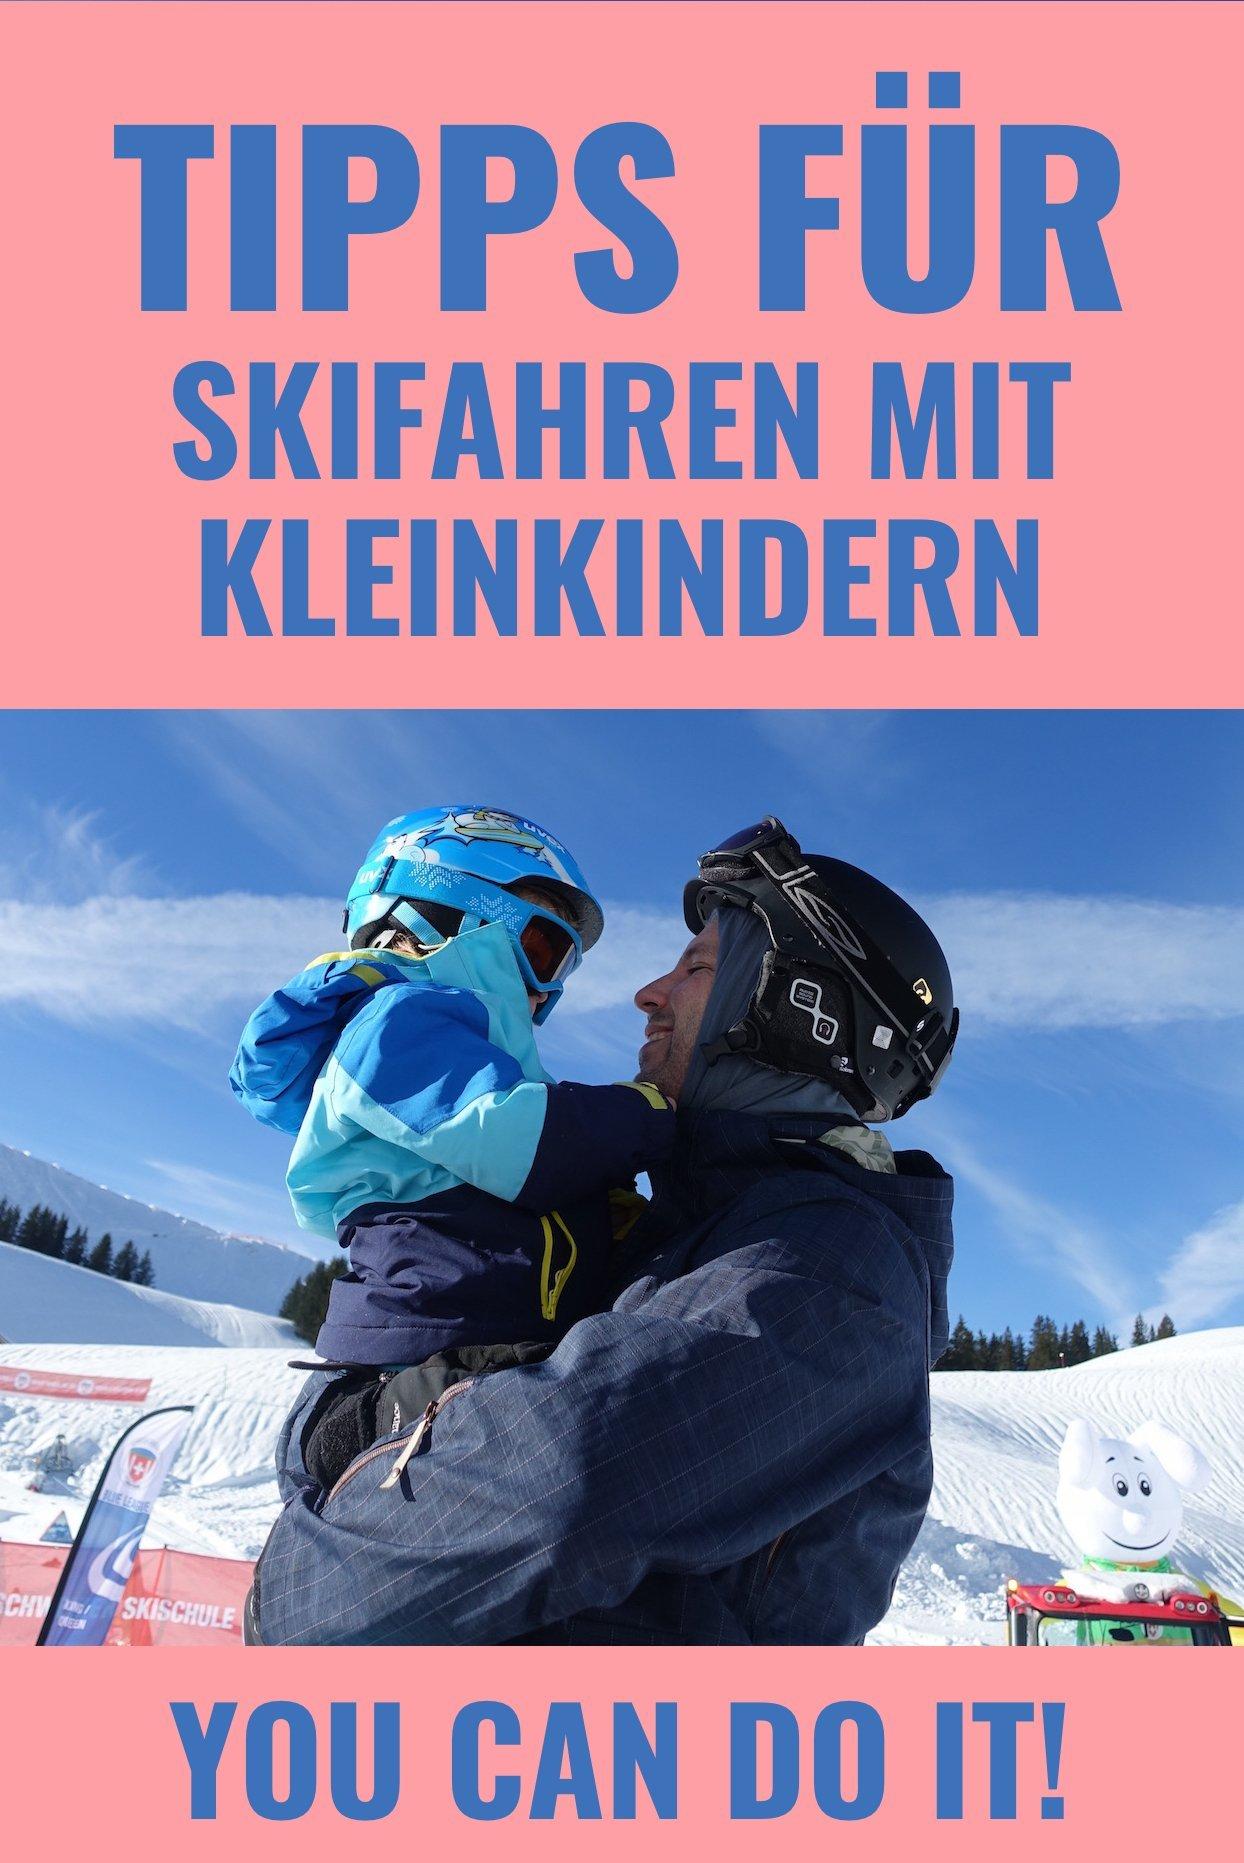 Tipps Fur Skiferien Mit Kleinkindern Mamas Unplugged